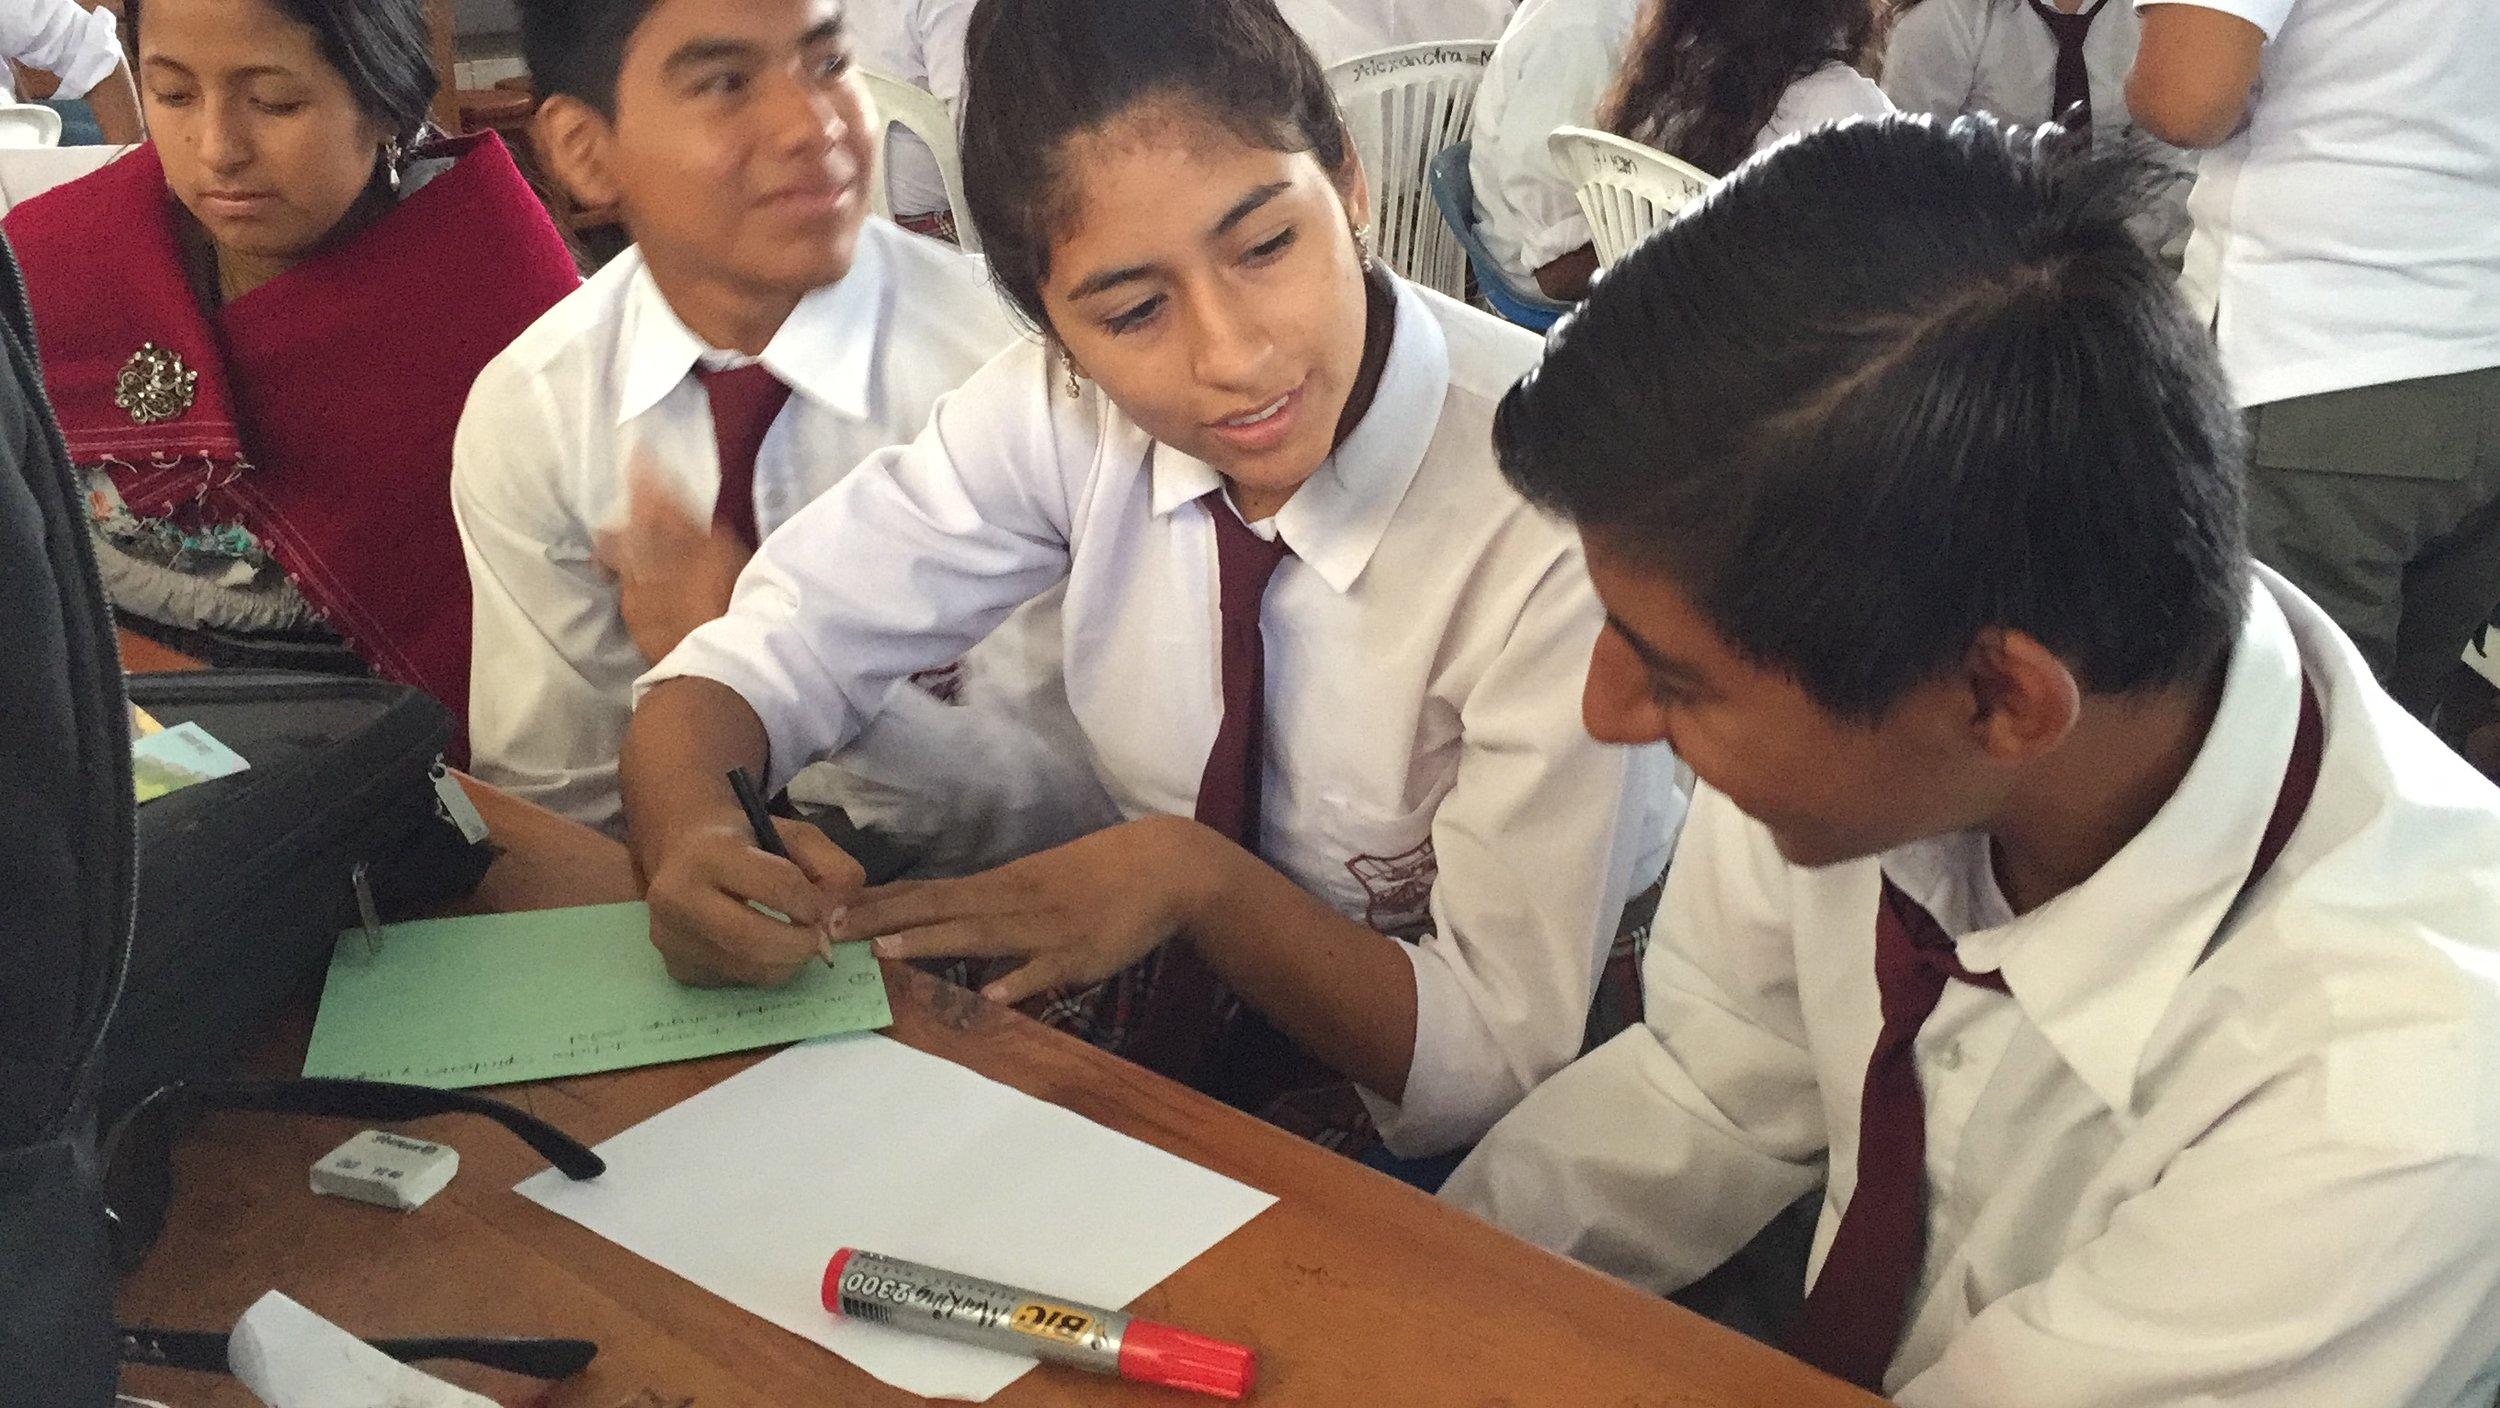 Figura 1 . Reflexión de los jóvenes respecto a la identidad galapagueña. Foto: Archivo DPNG